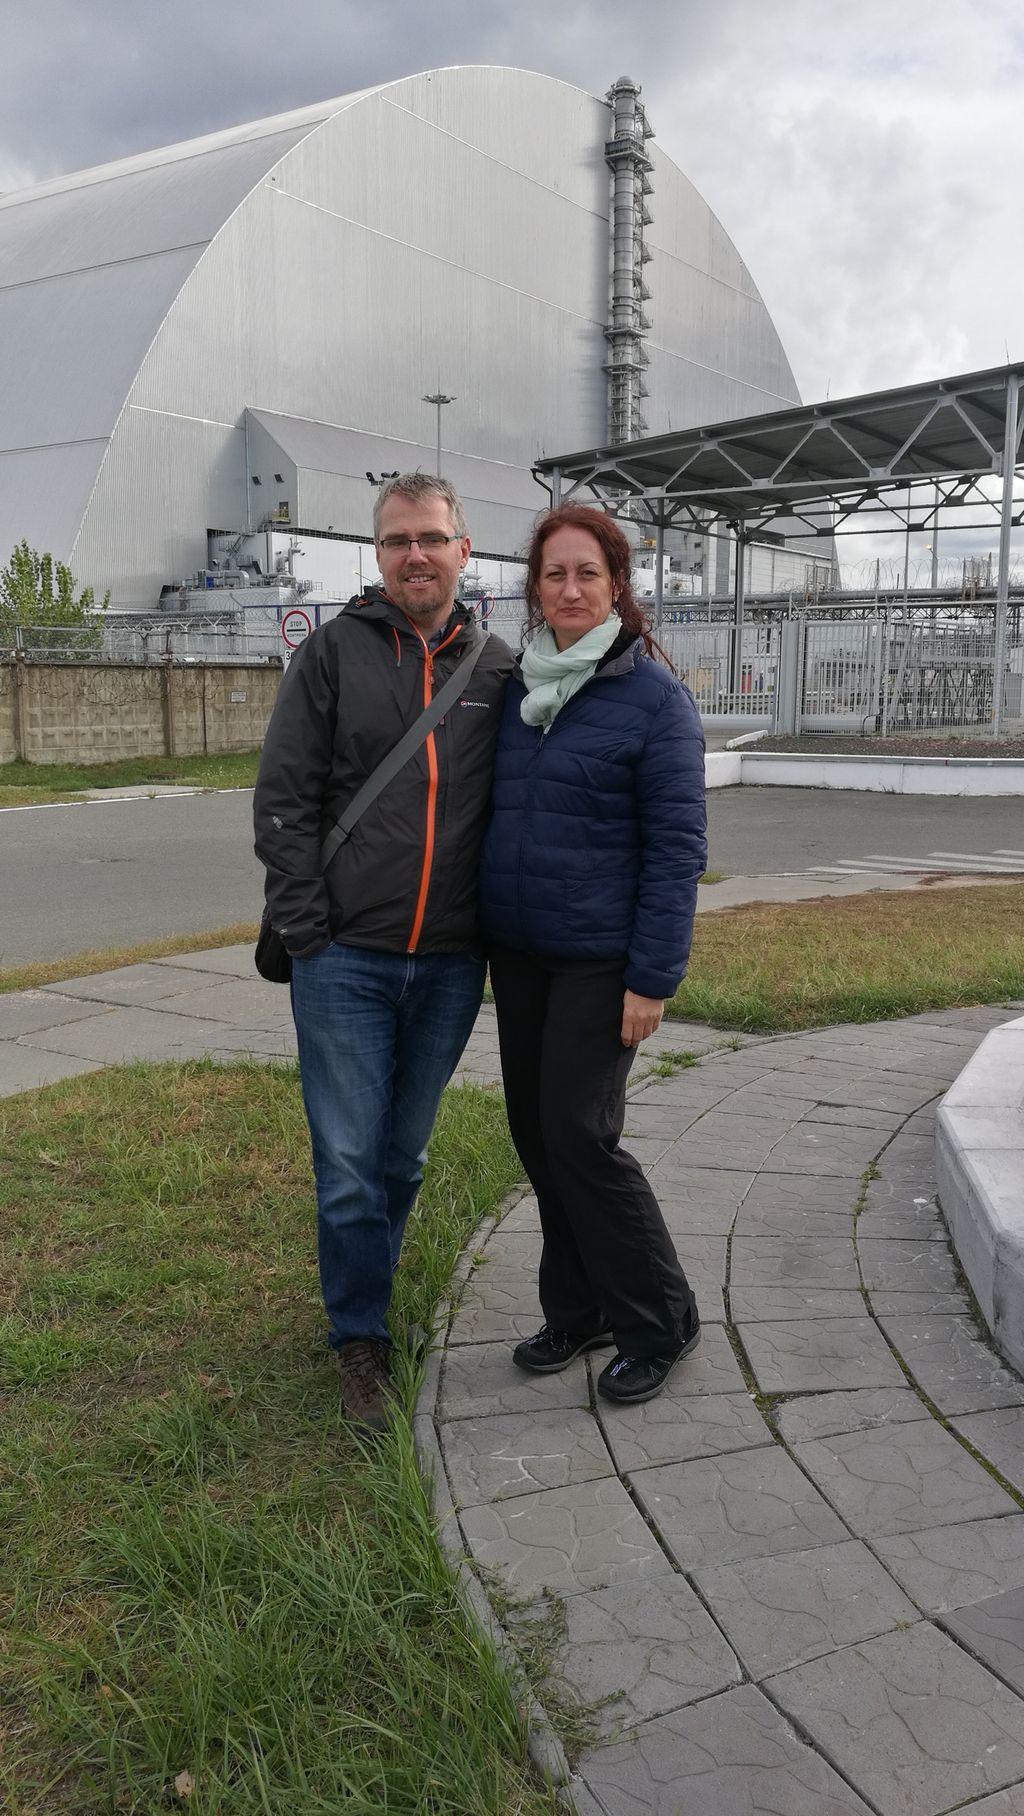 Pozerská fotka před reaktorem